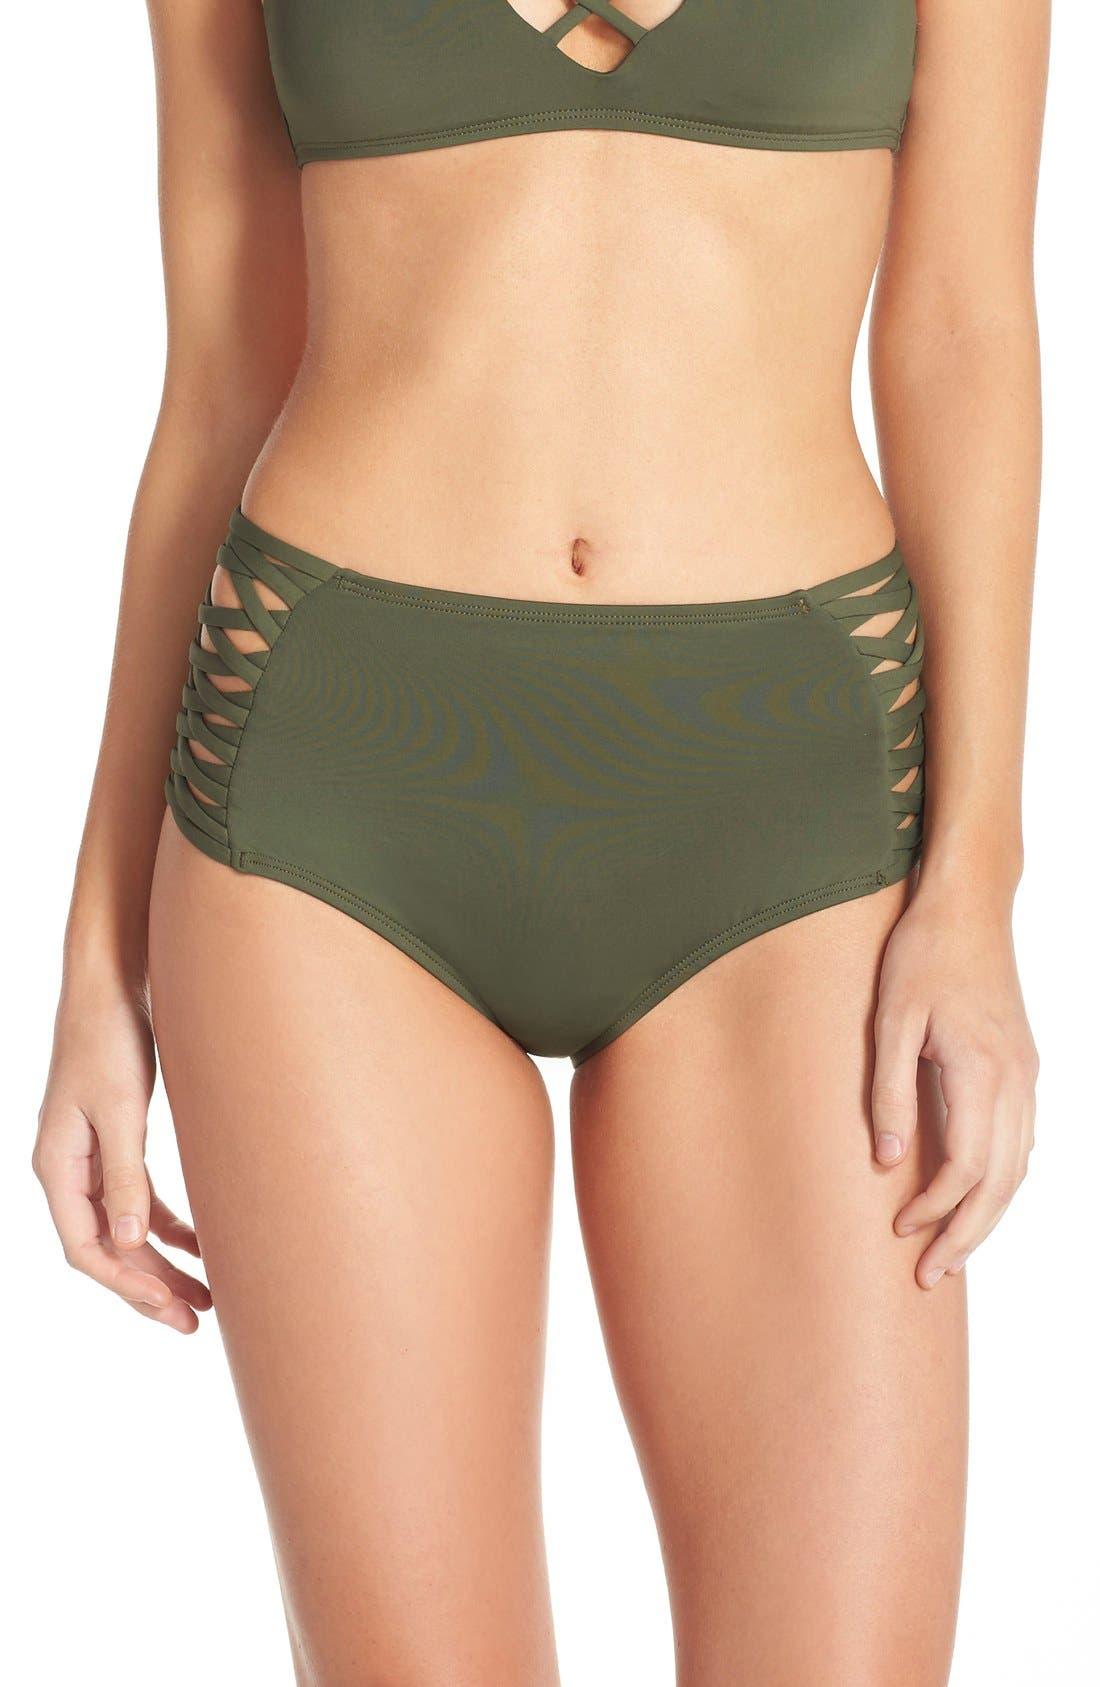 Tigress Classic High Waist Bikini Bottoms,                             Main thumbnail 1, color,                             Fern